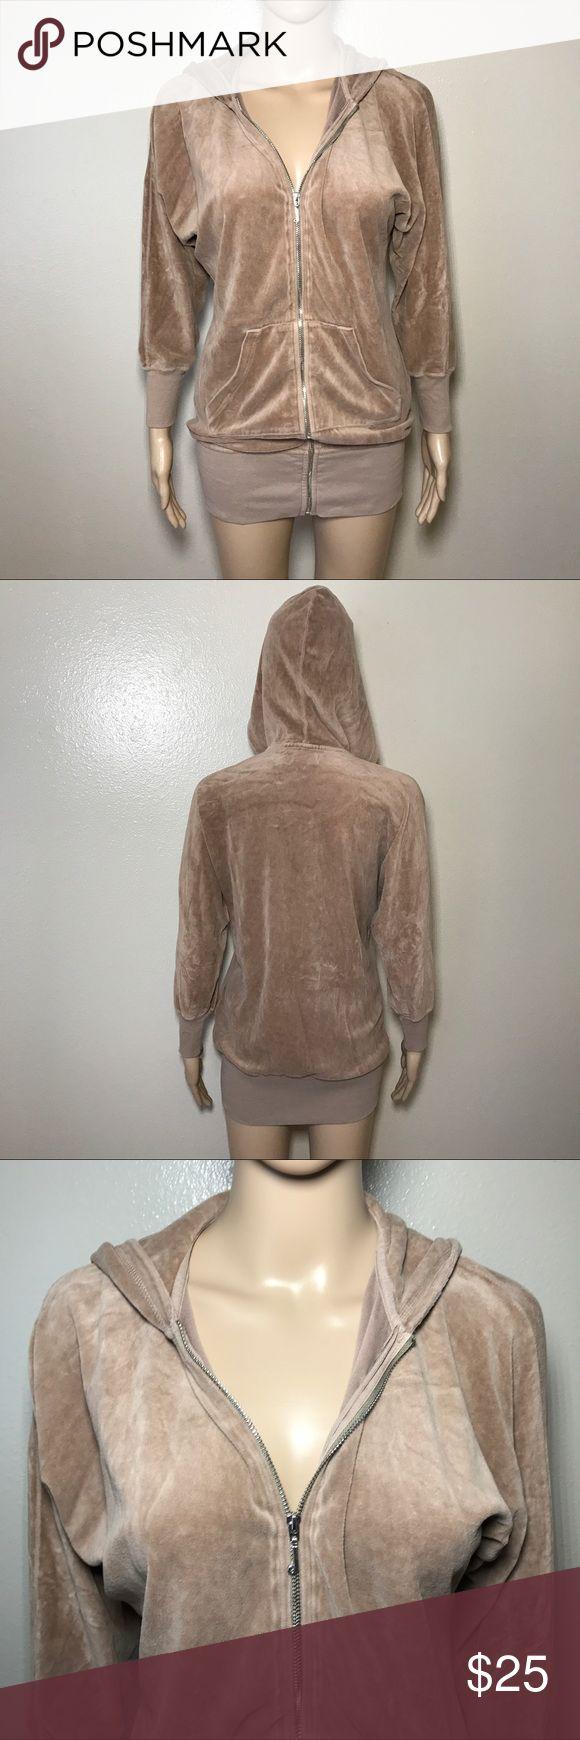 Petites Juicy Couture Zip up Hoodie Sz Xs Brown Preowned Sz petite Xs zip up Juicy Couture Jackets & Coats